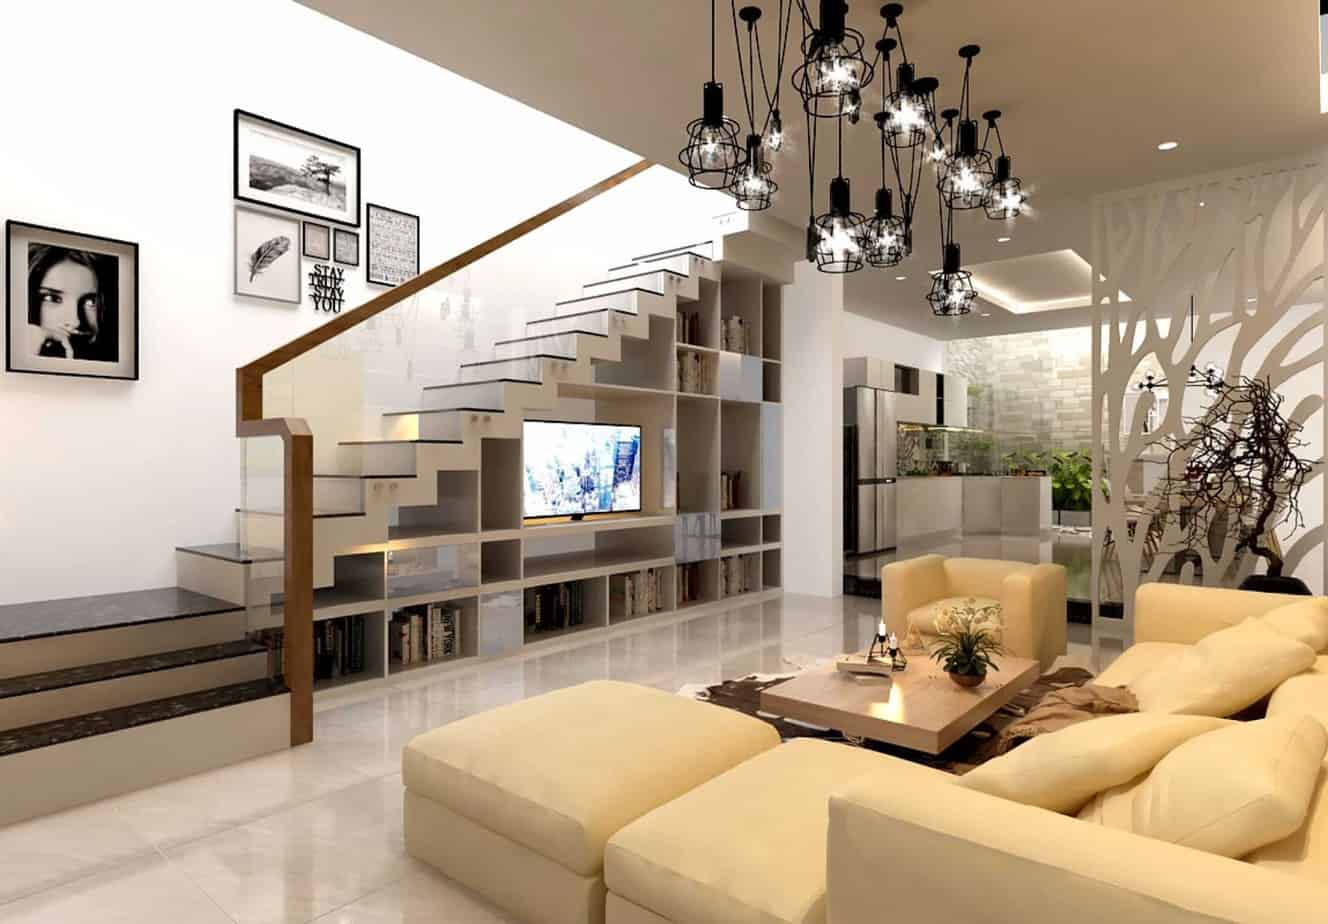 Top 20 Mẫu Thiết Kế Nội Thất Nhà Phố, Nhà Ống Đẹp Ấn Tượng Nhất -  - mẫu thiết kế nhà ống đẹp | mẫu thiết kế nhà phố đẹp | Mẫu thiết kế nội thất đẹp 49